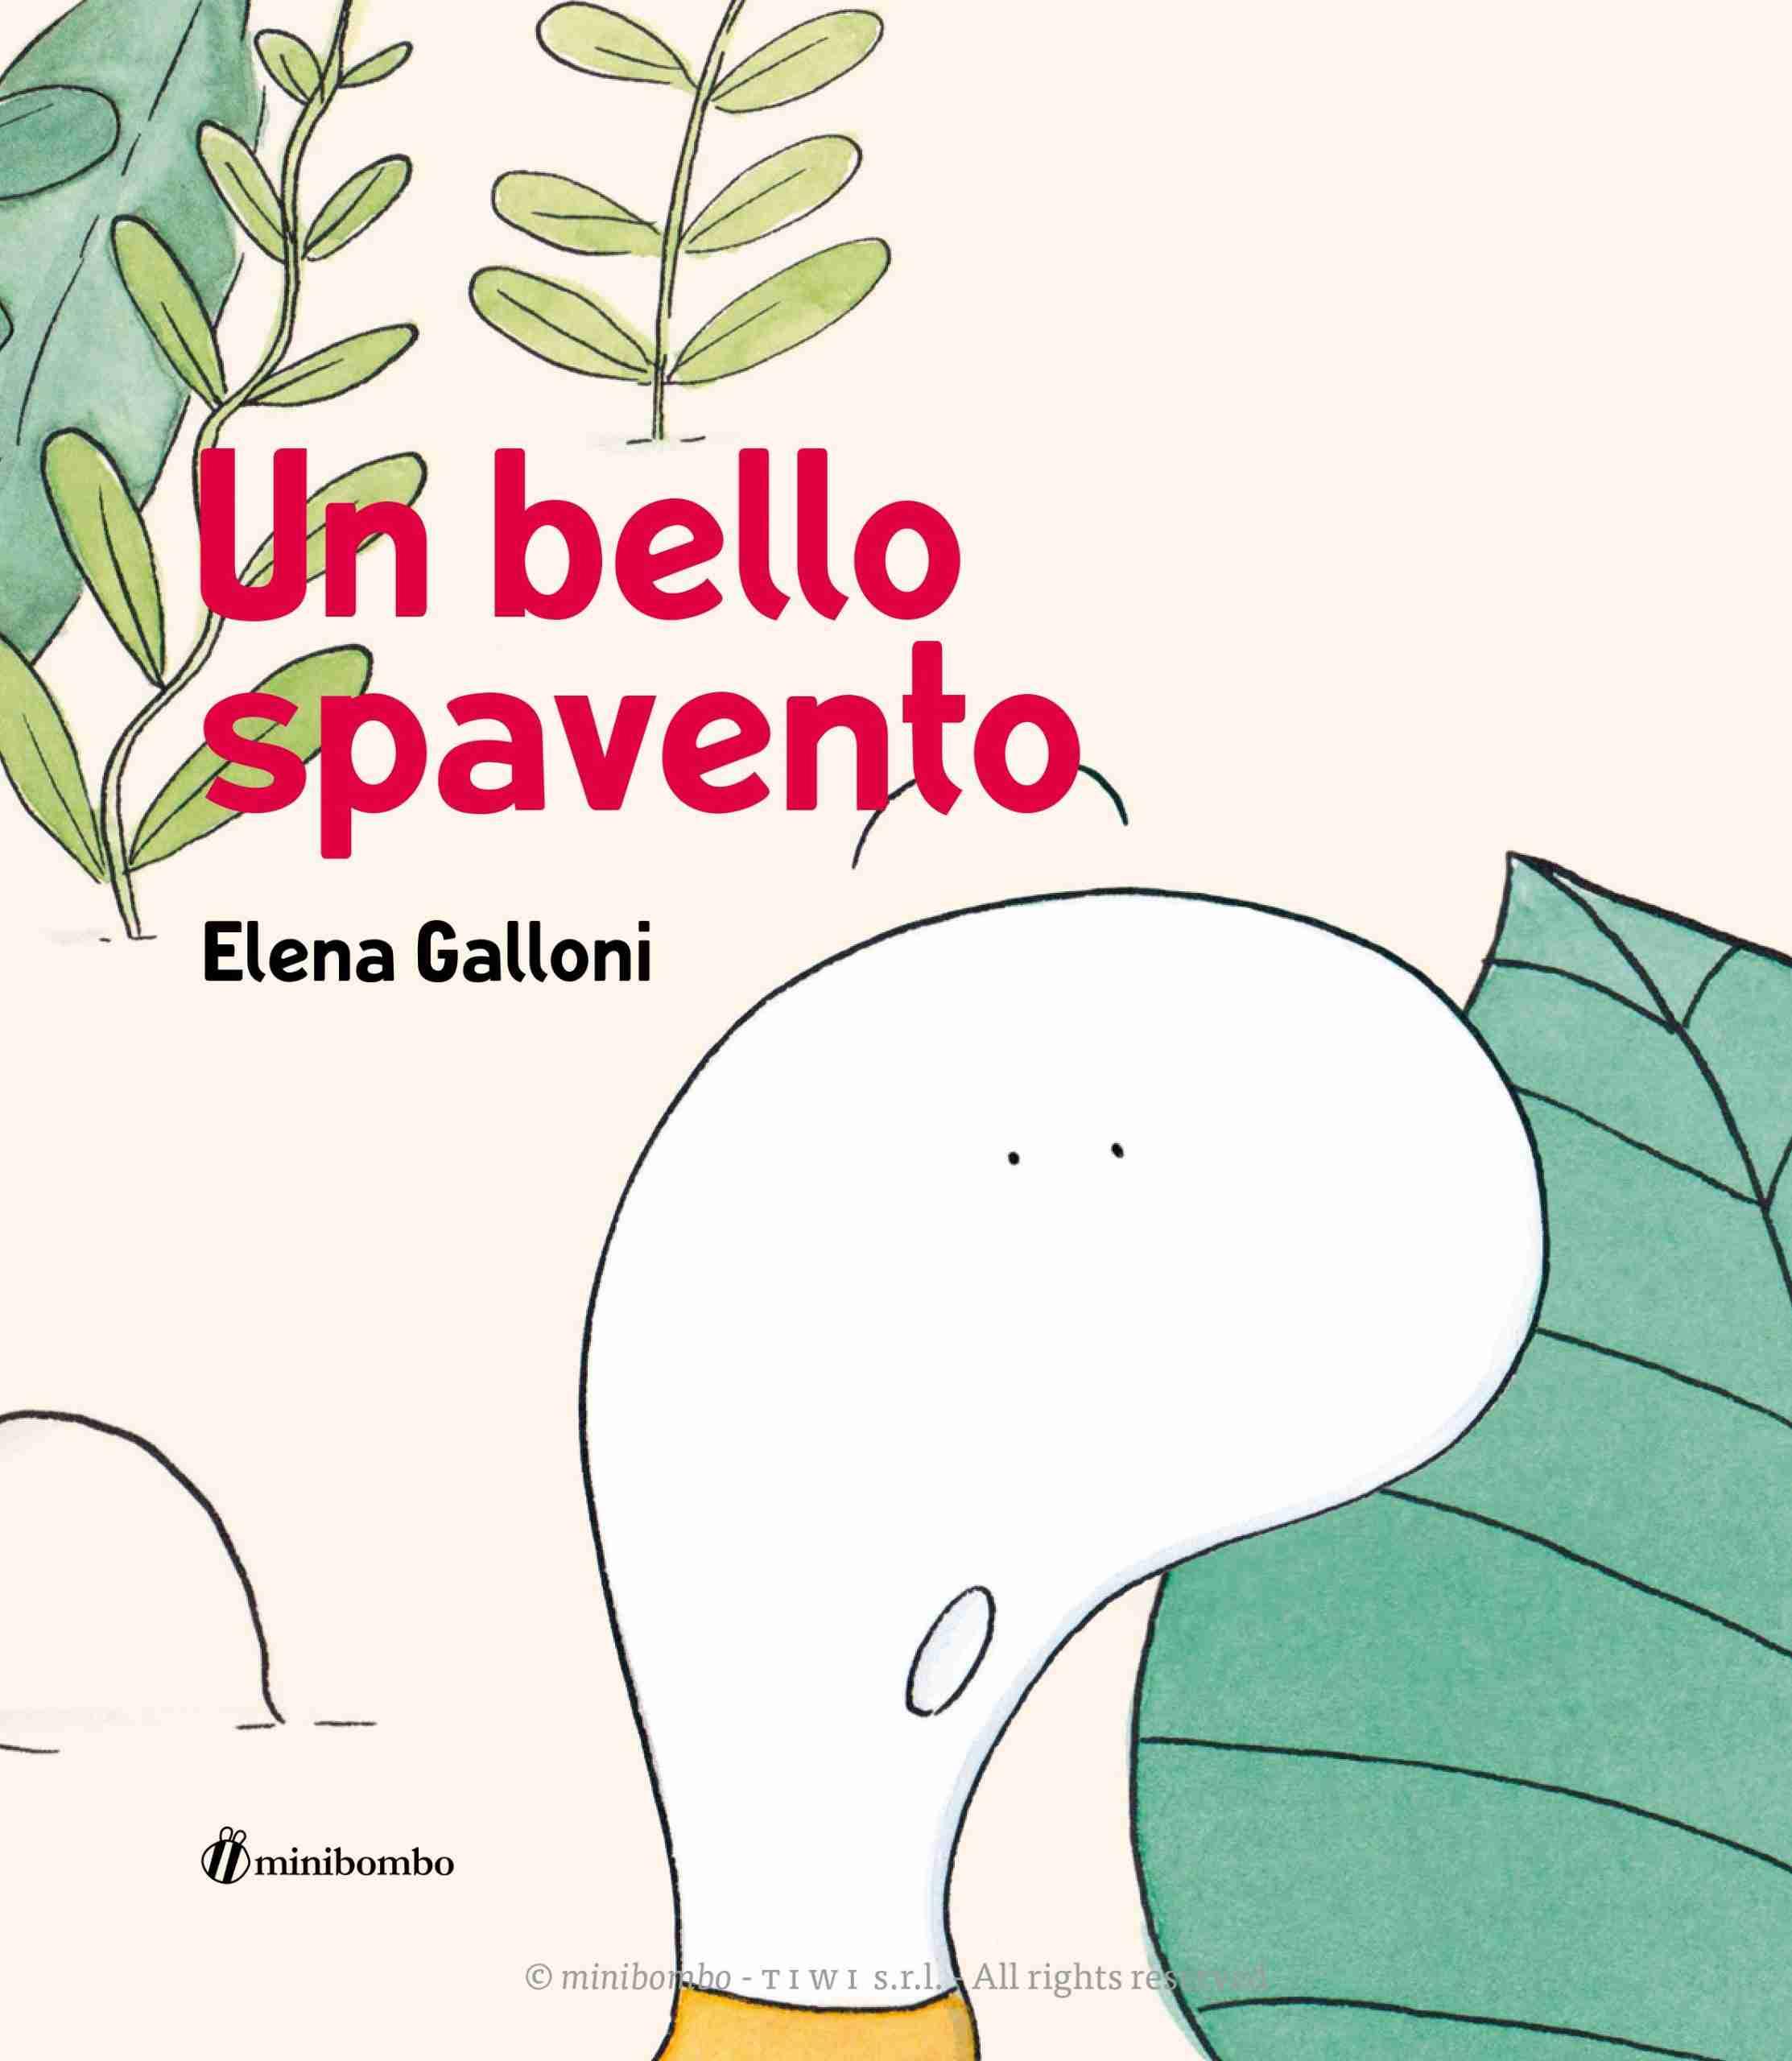 UN BELLO SPAVENTO di Elena Galloni, MINIBOMBO